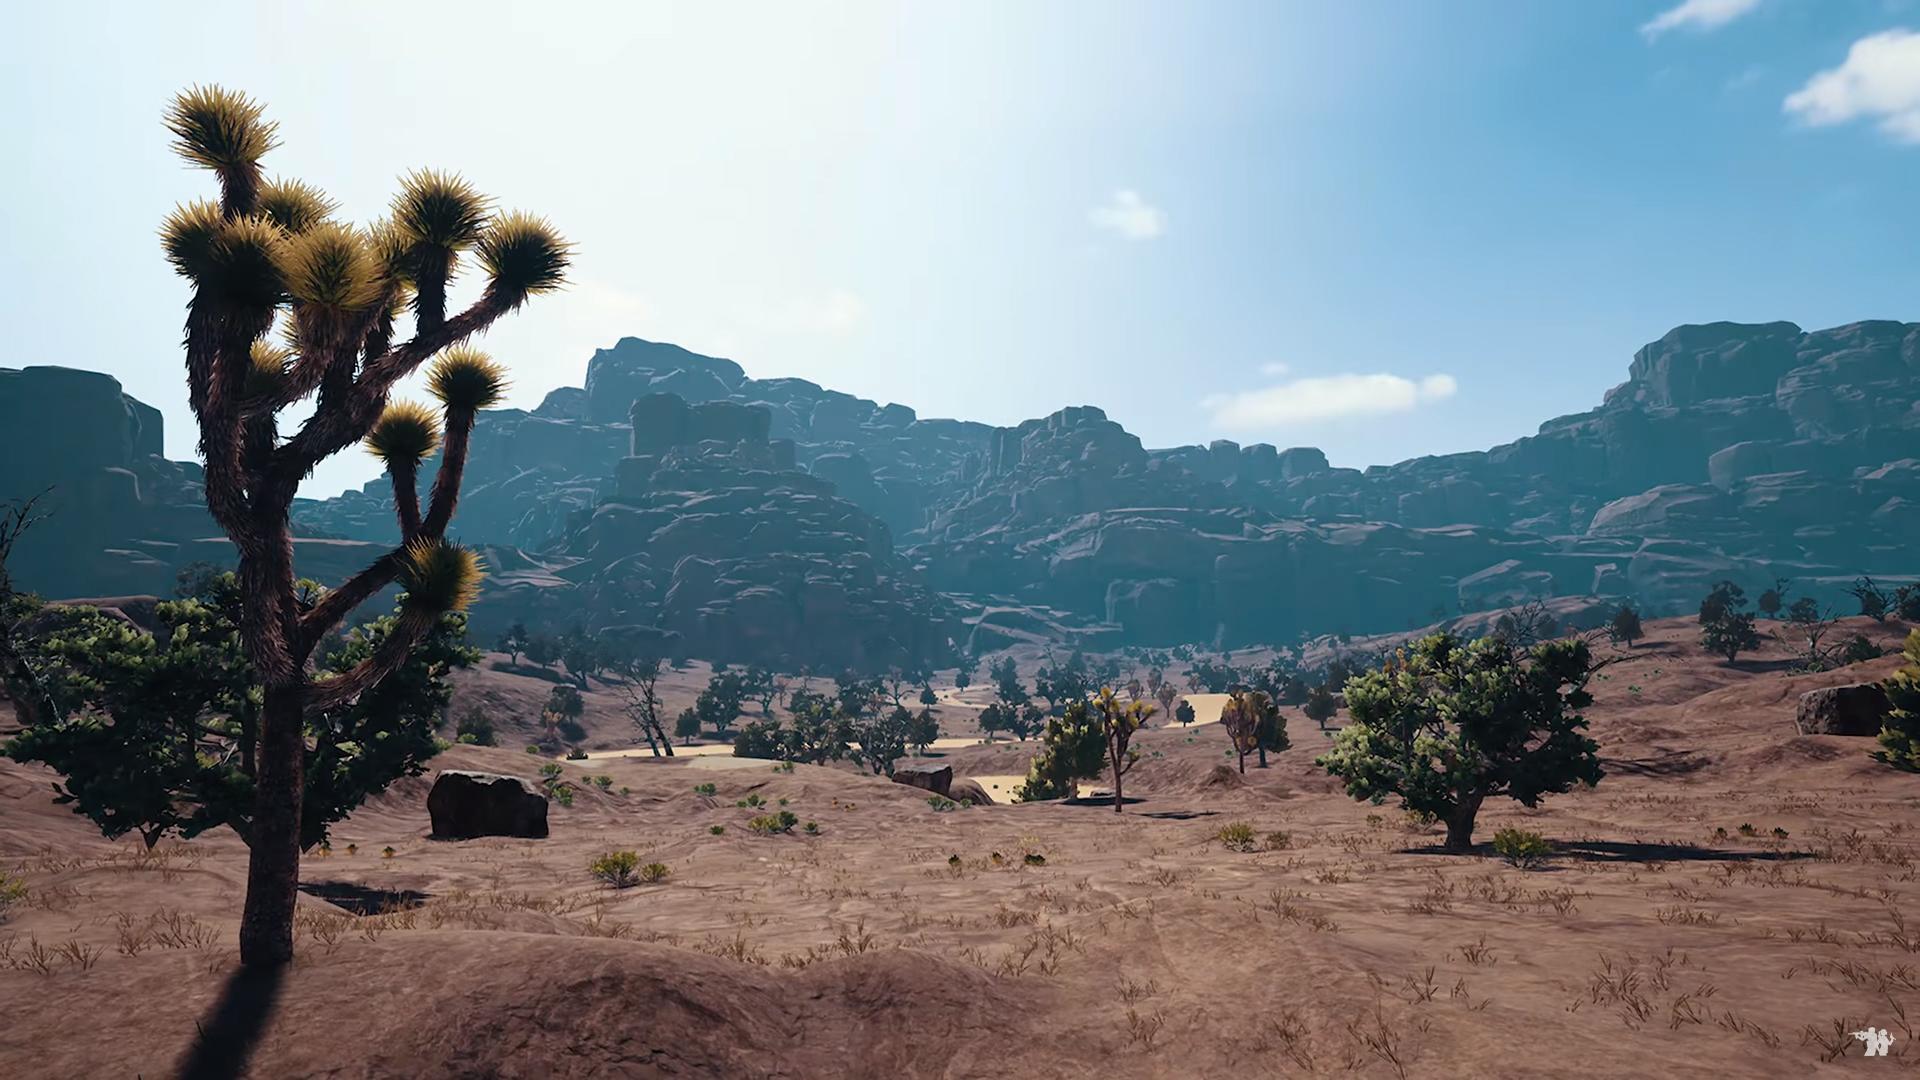 Itt is látszik a pálya széle a nagy homokkő hegyekkel.